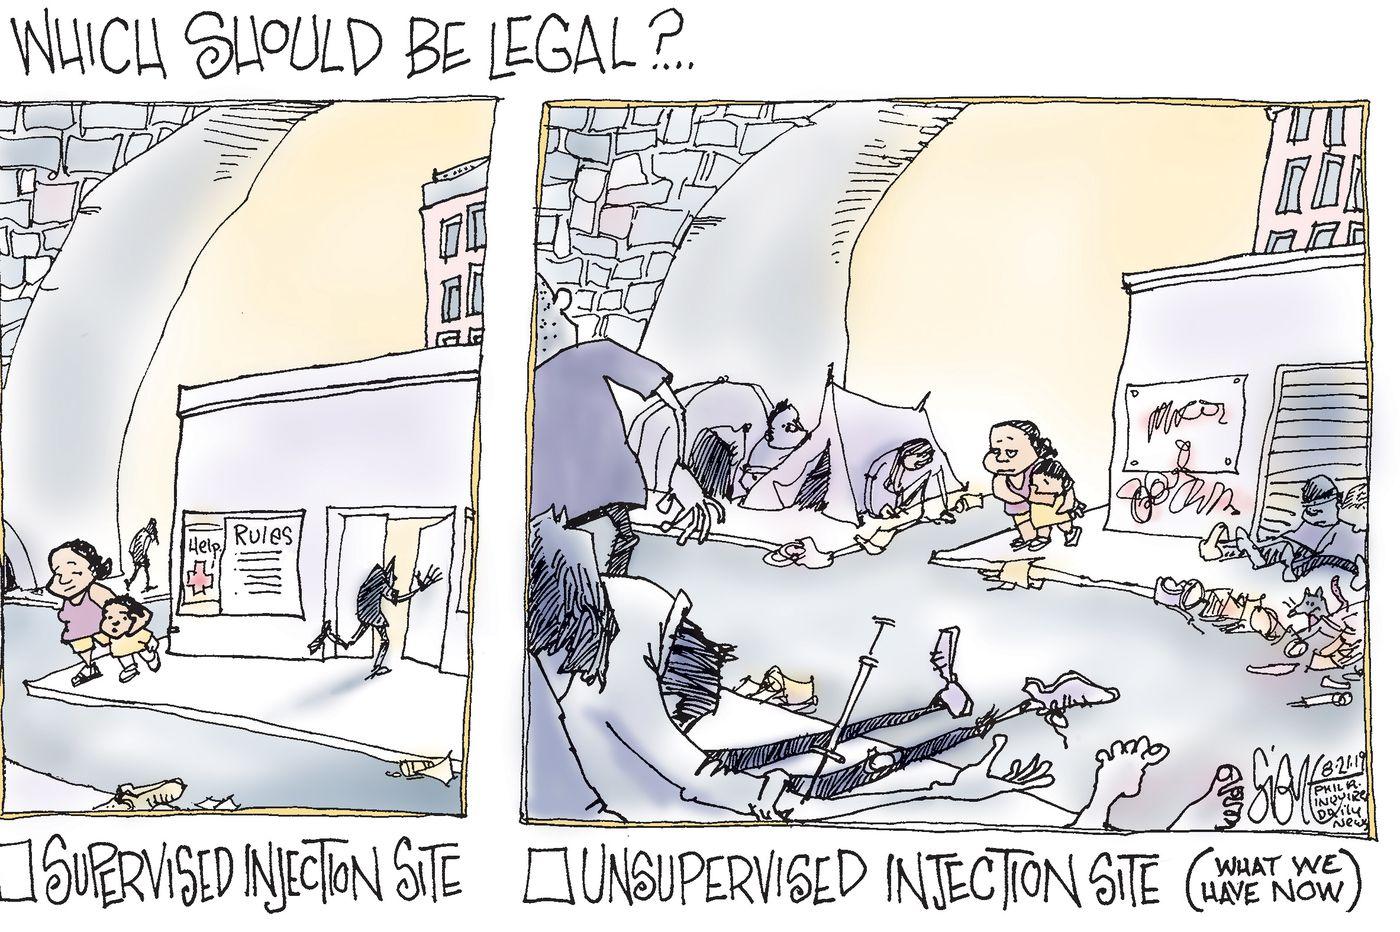 Political Cartoon: Supervised drug injection sites